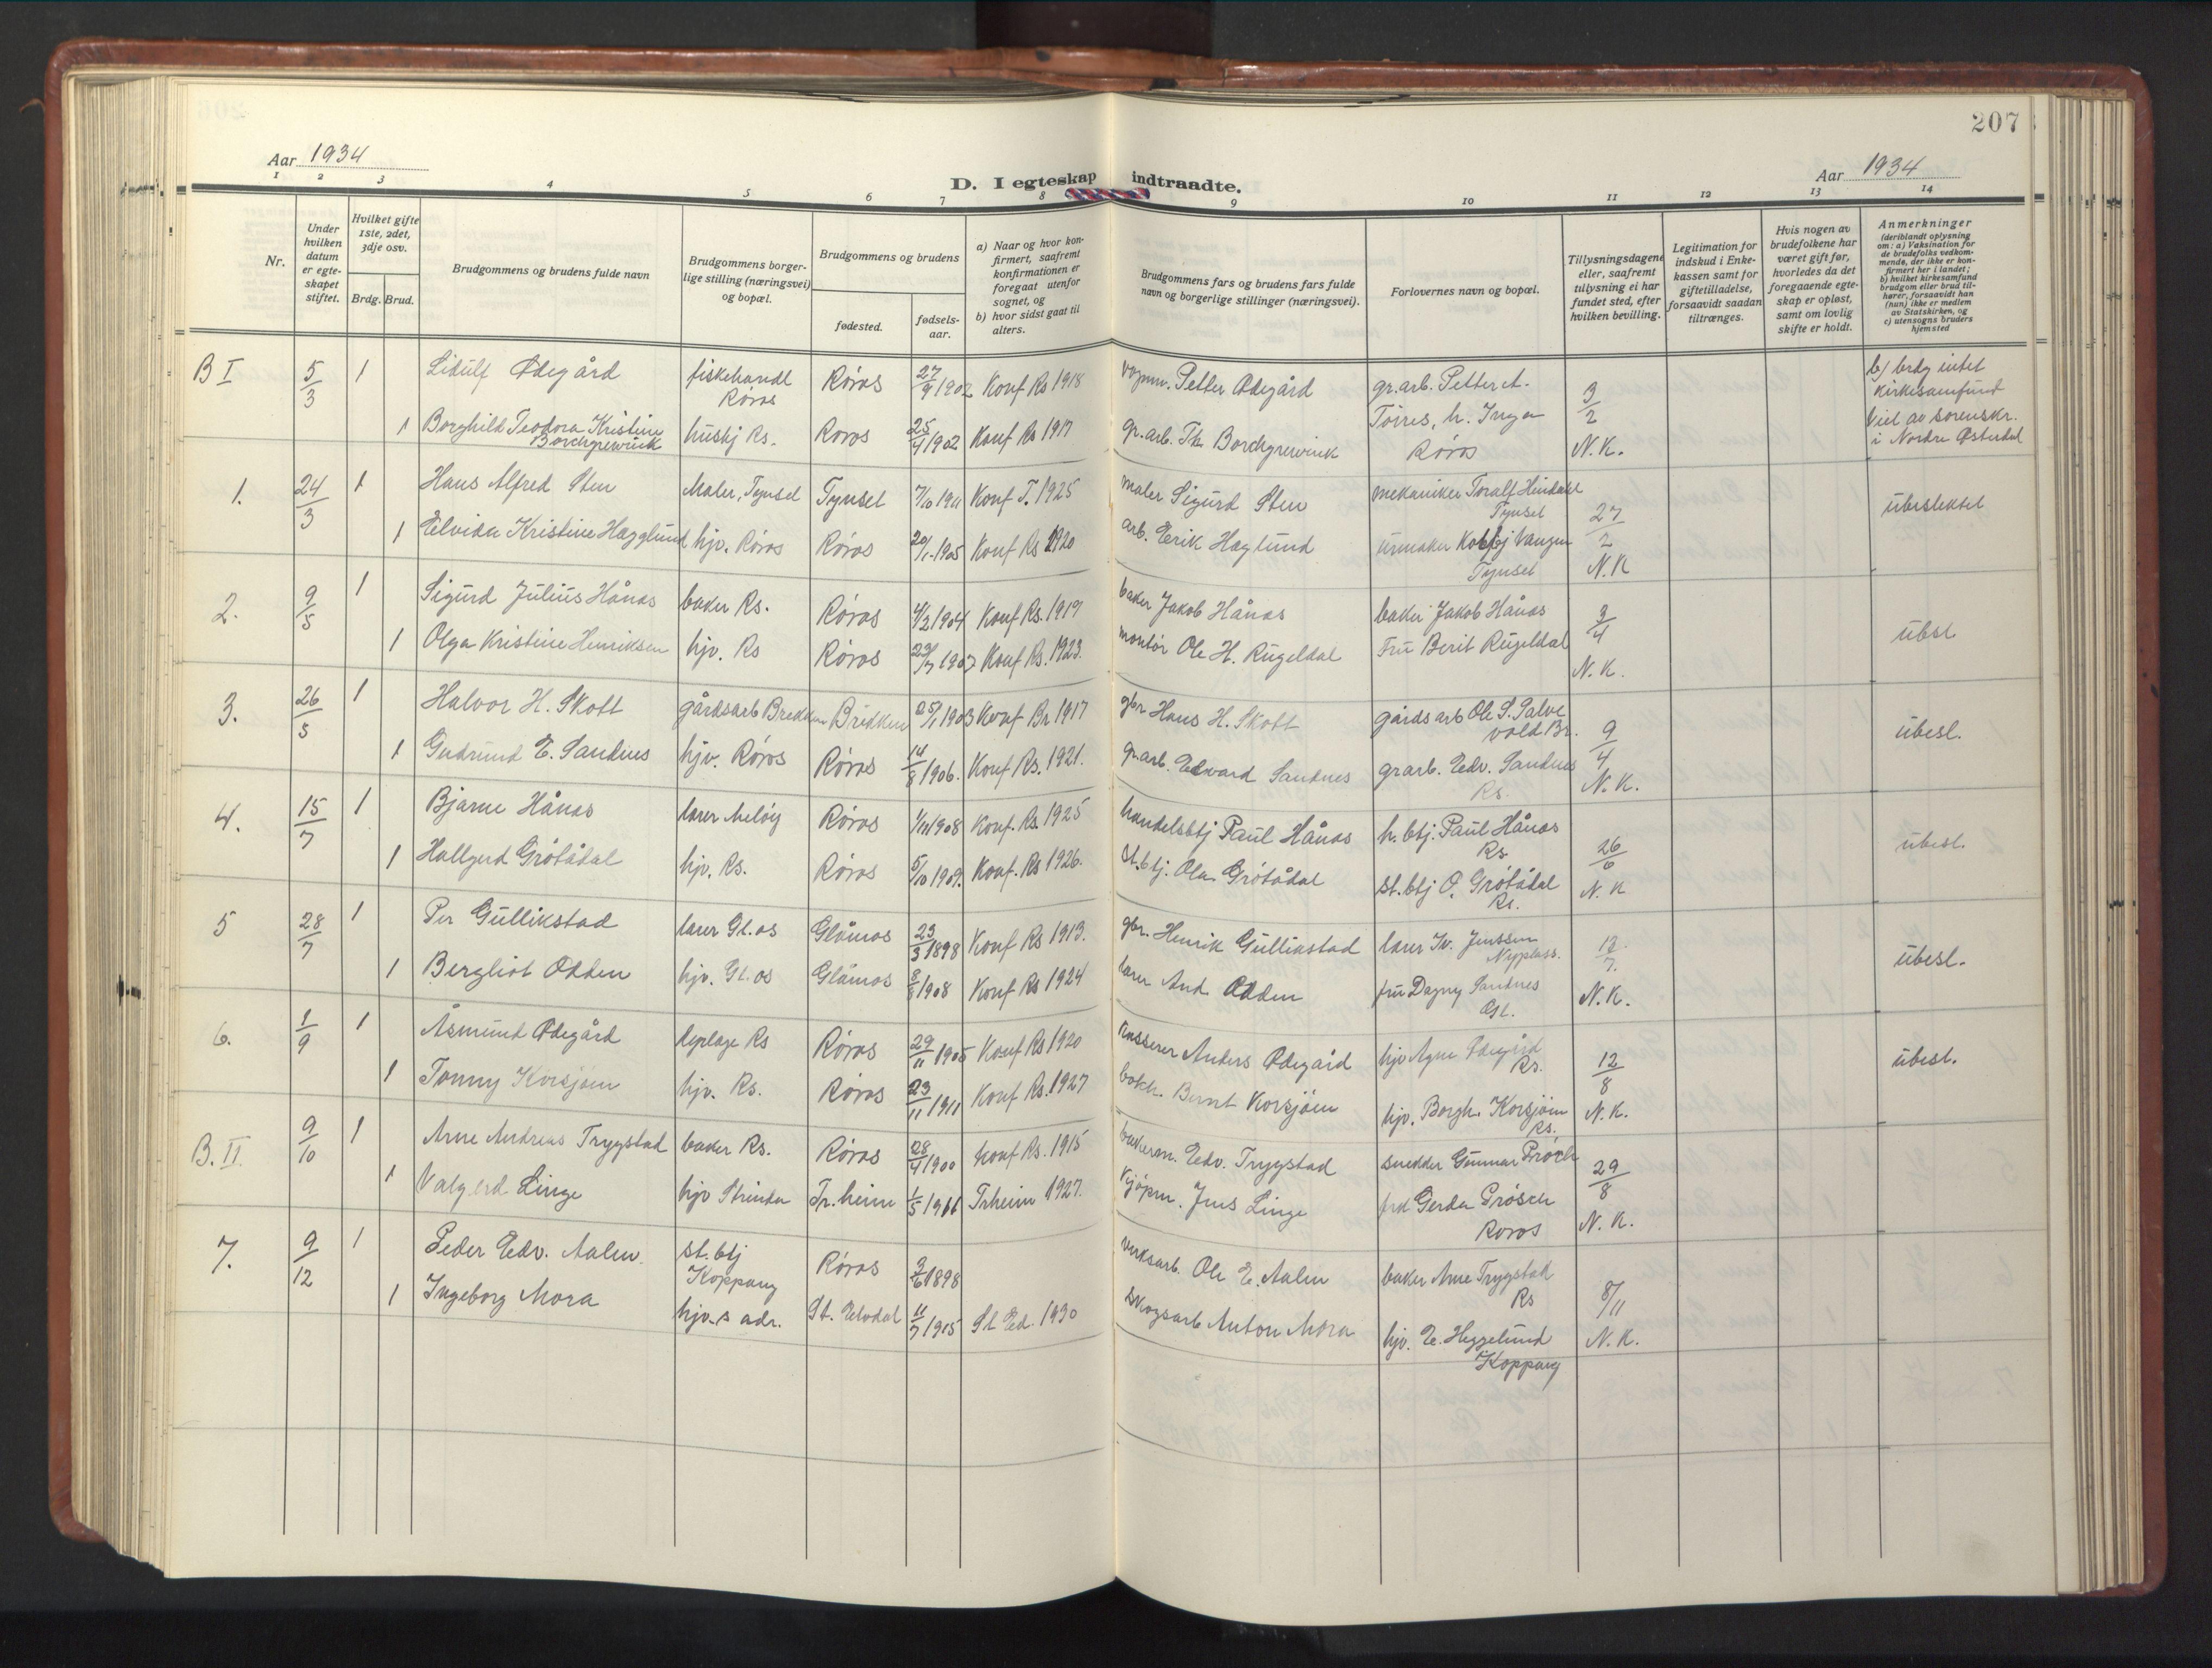 SAT, Ministerialprotokoller, klokkerbøker og fødselsregistre - Sør-Trøndelag, 681/L0943: Klokkerbok nr. 681C07, 1926-1954, s. 207